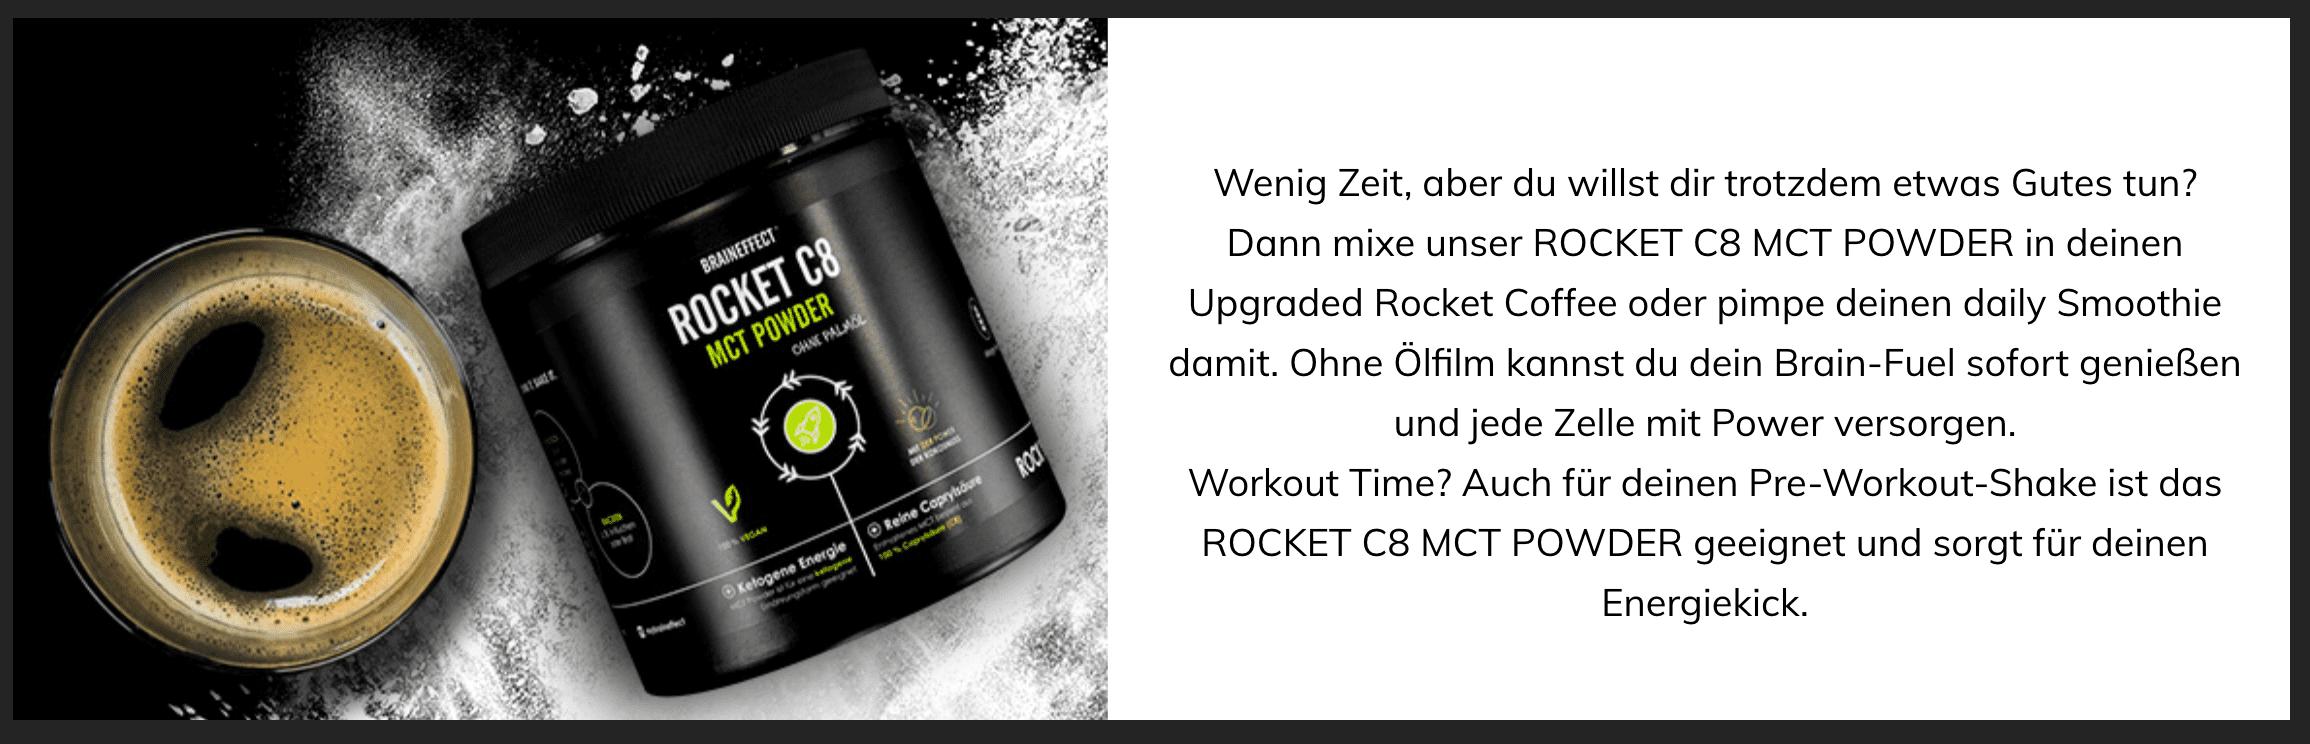 Braineffect | Rocket MCT Powder